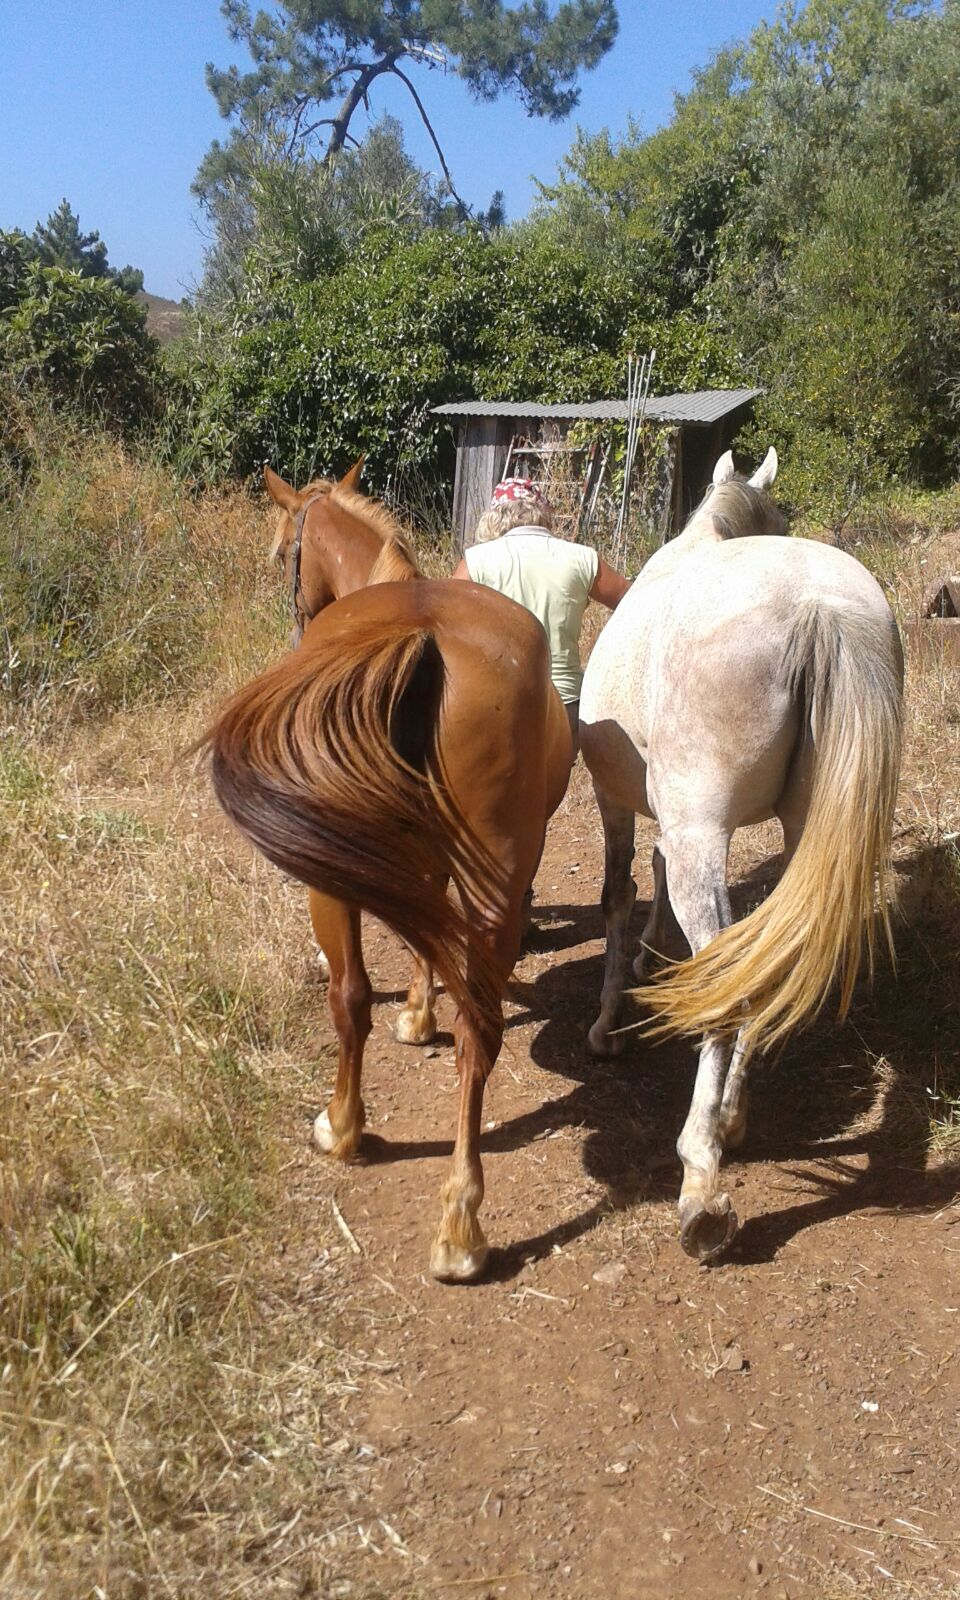 paardenbillen.jpg